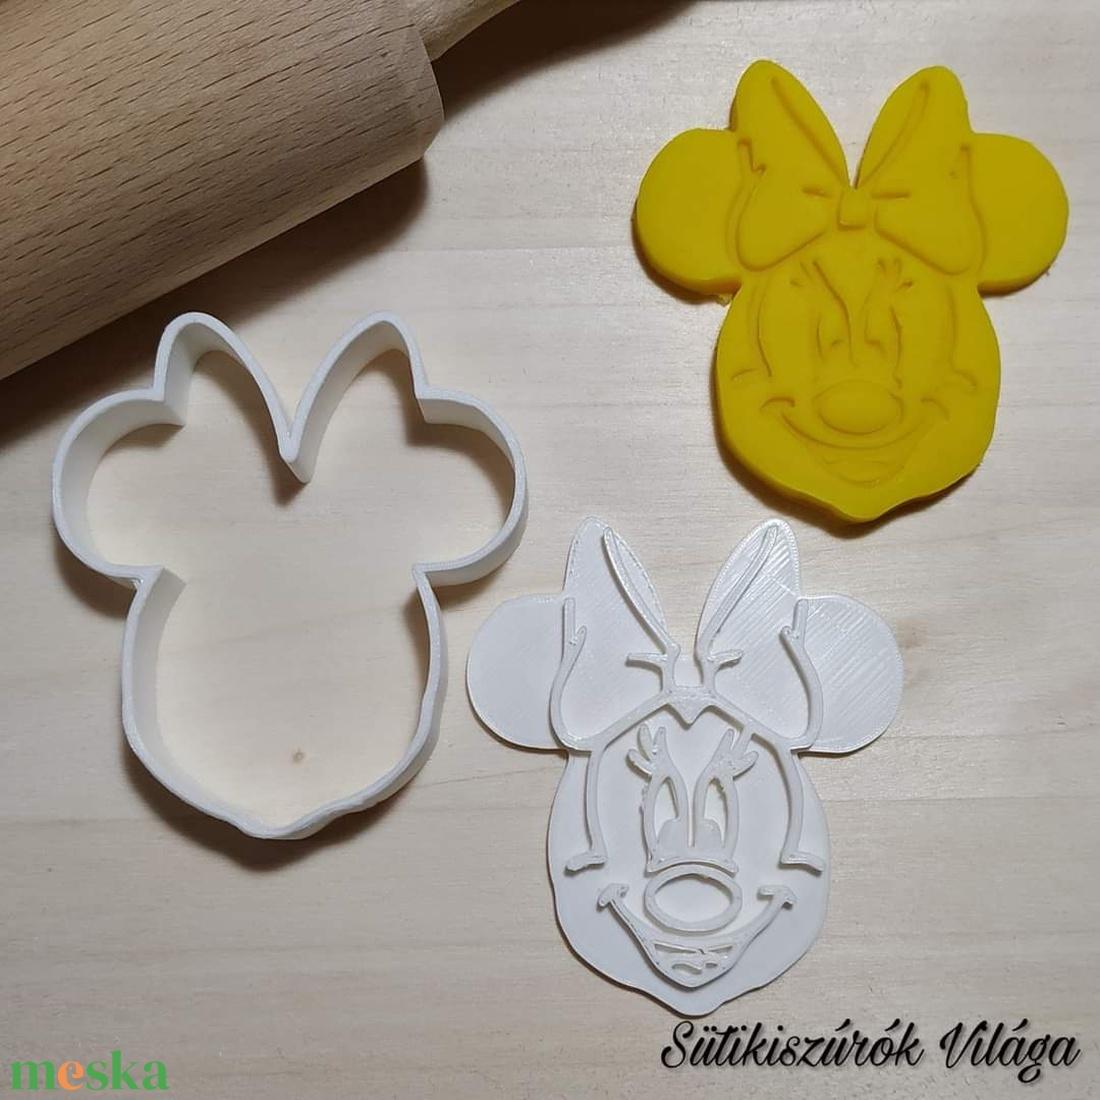 Minnie egér fej - süteménykiszúró forma, sütipecsét. Linzer, mézeskalács, keksz kiszúró (Sutikiszurokvilaga) - Meska.hu